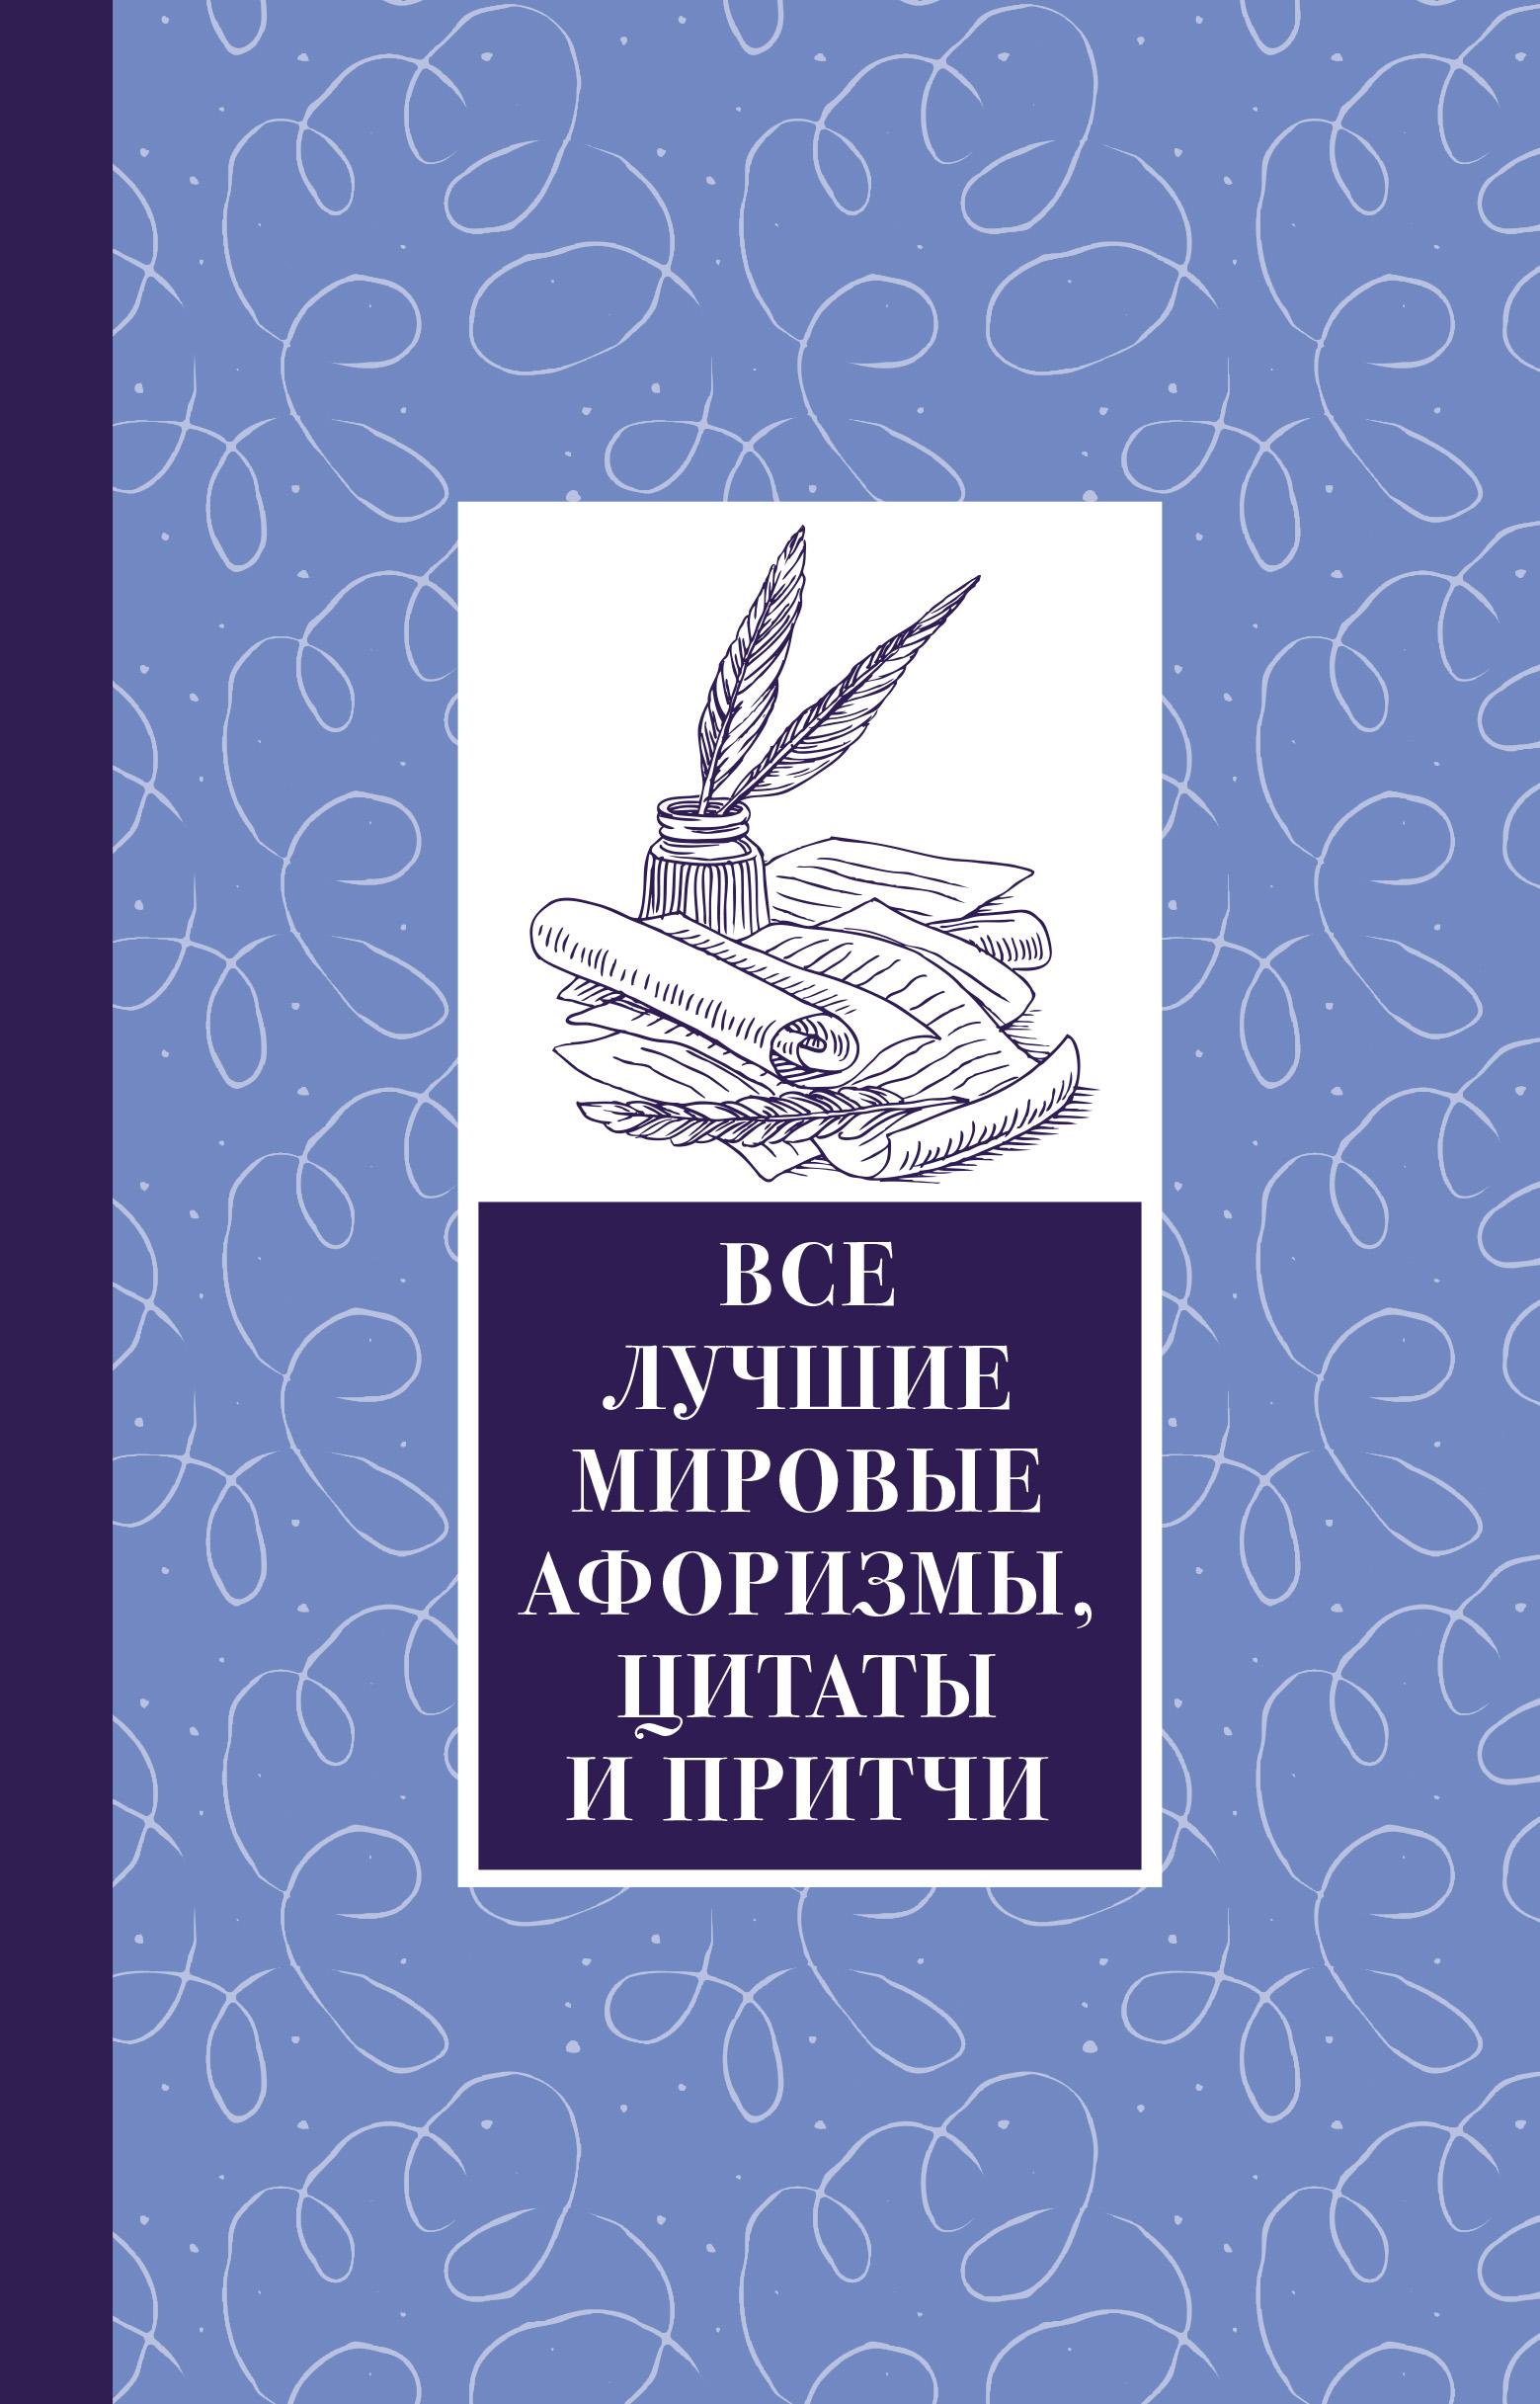 Сборник Все лучшие мировые афоризмы и цитаты сборник чаша мудрости афоризмы цитаты изречения